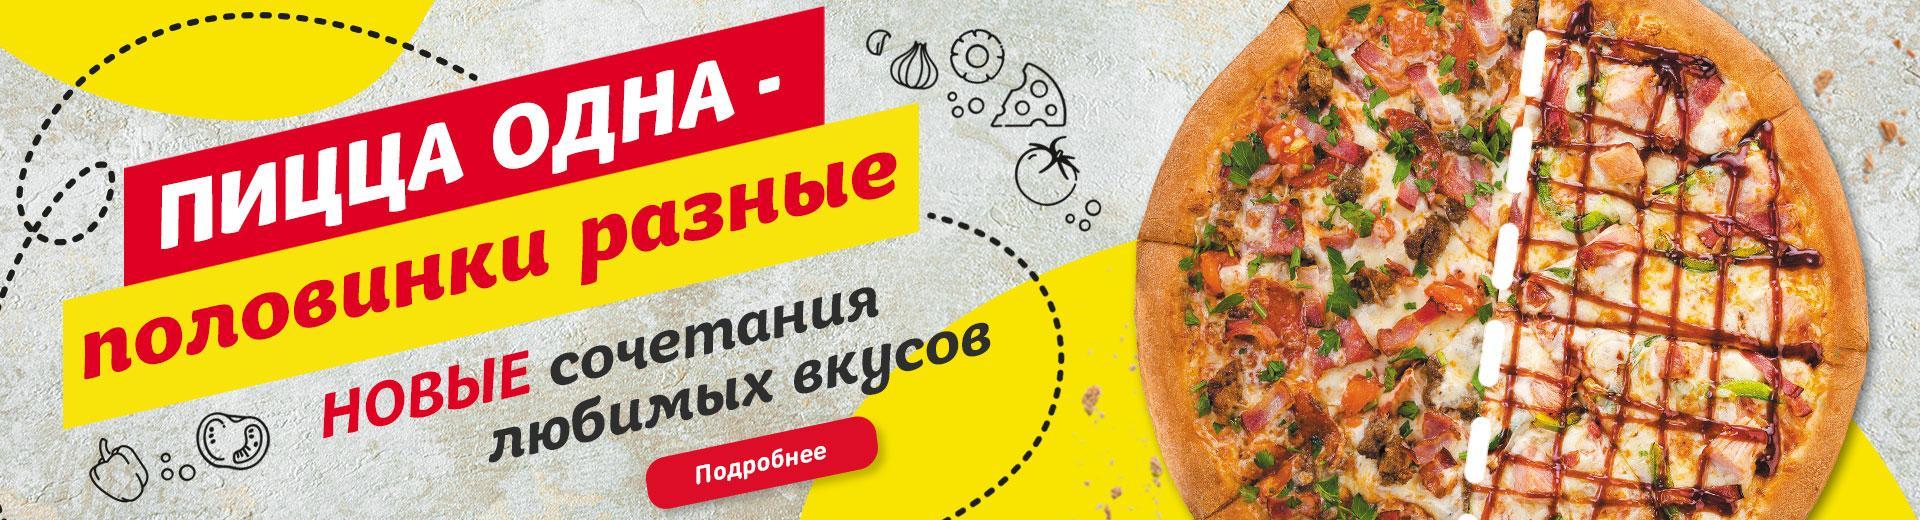 Пицца одна - половинки разные